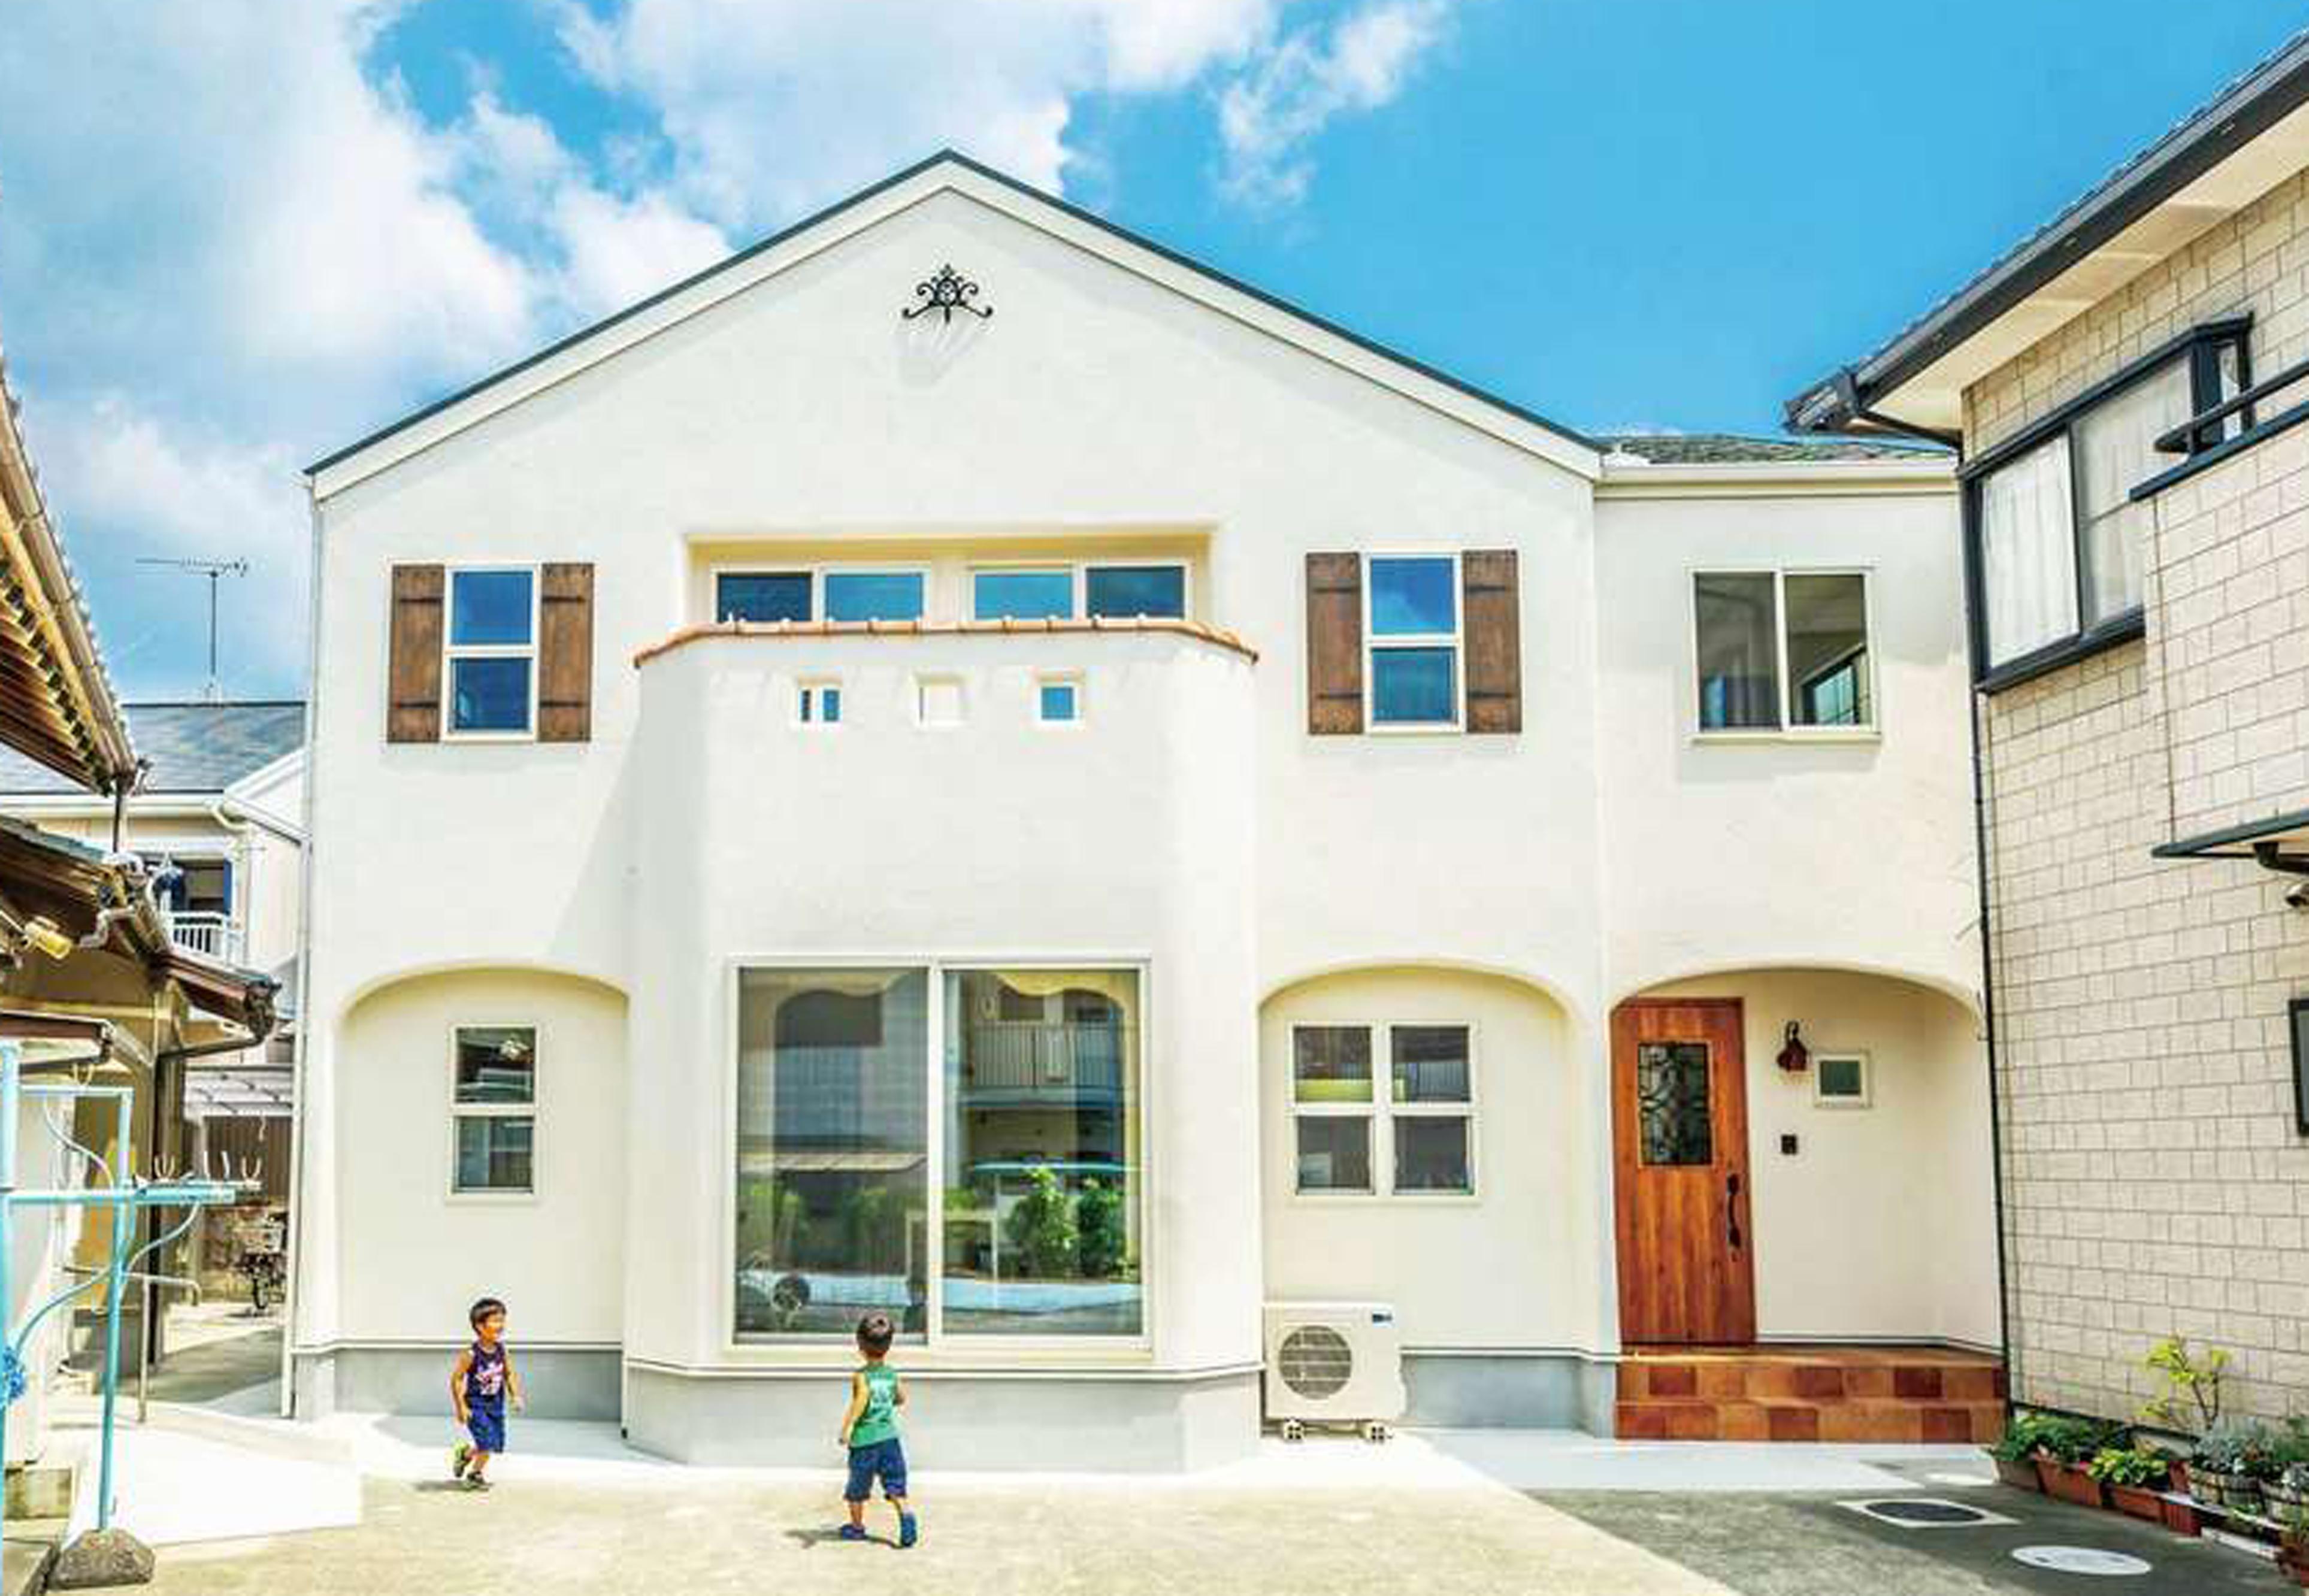 フェアリーホーム【デザイン住宅、自然素材、省エネ】外壁のアールが、イタリア漆喰の資質を際立たせる。妻飾りや窓のよろい戸が彩りに